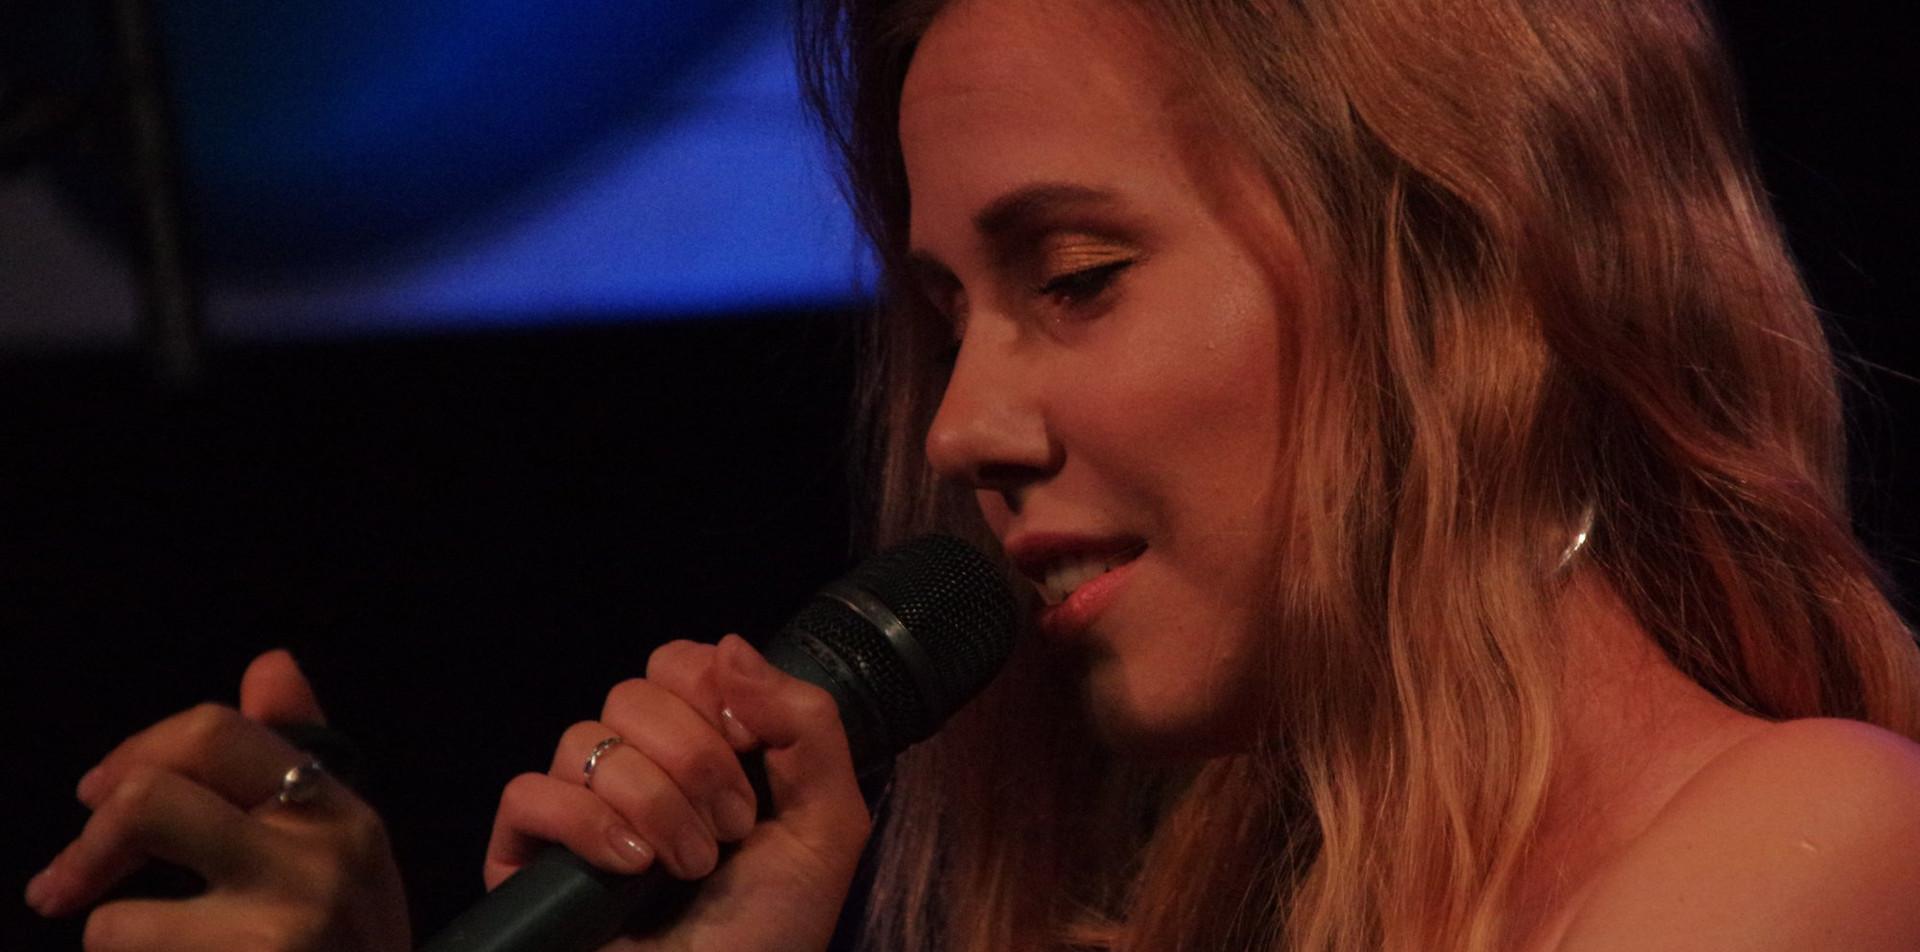 Koncert w Blue Note w Poznaniu 09.05.2018